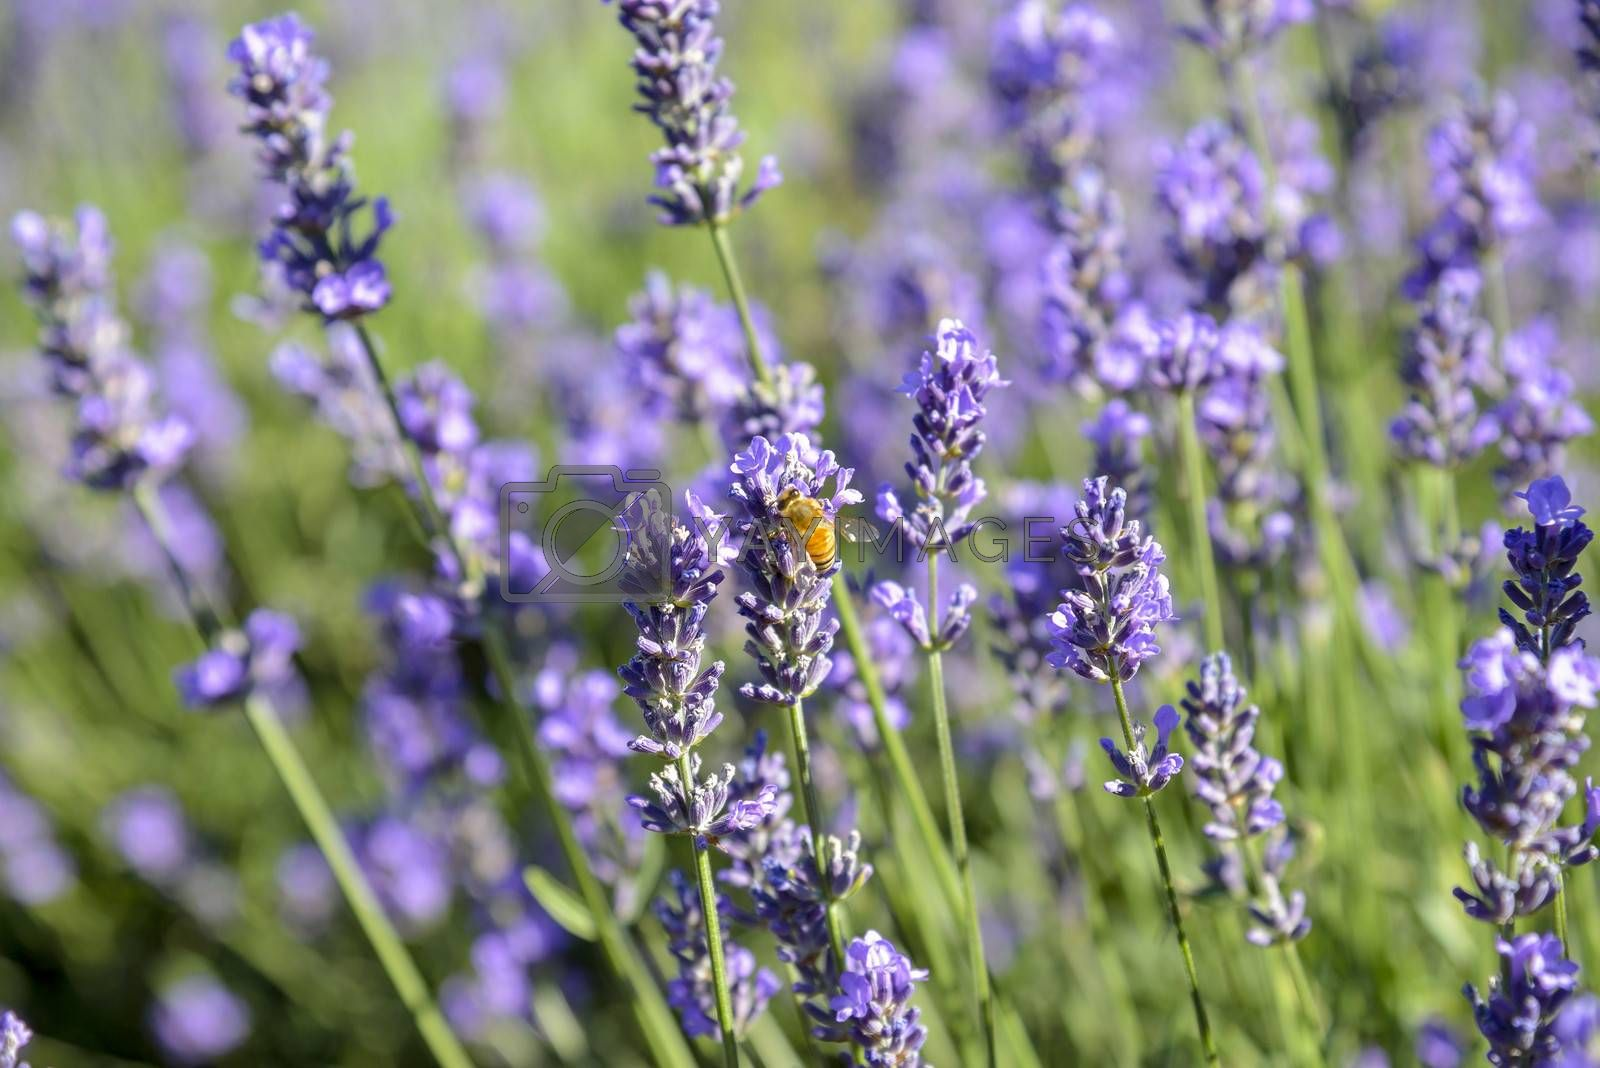 Lavender flower with Bee by gjeerawut